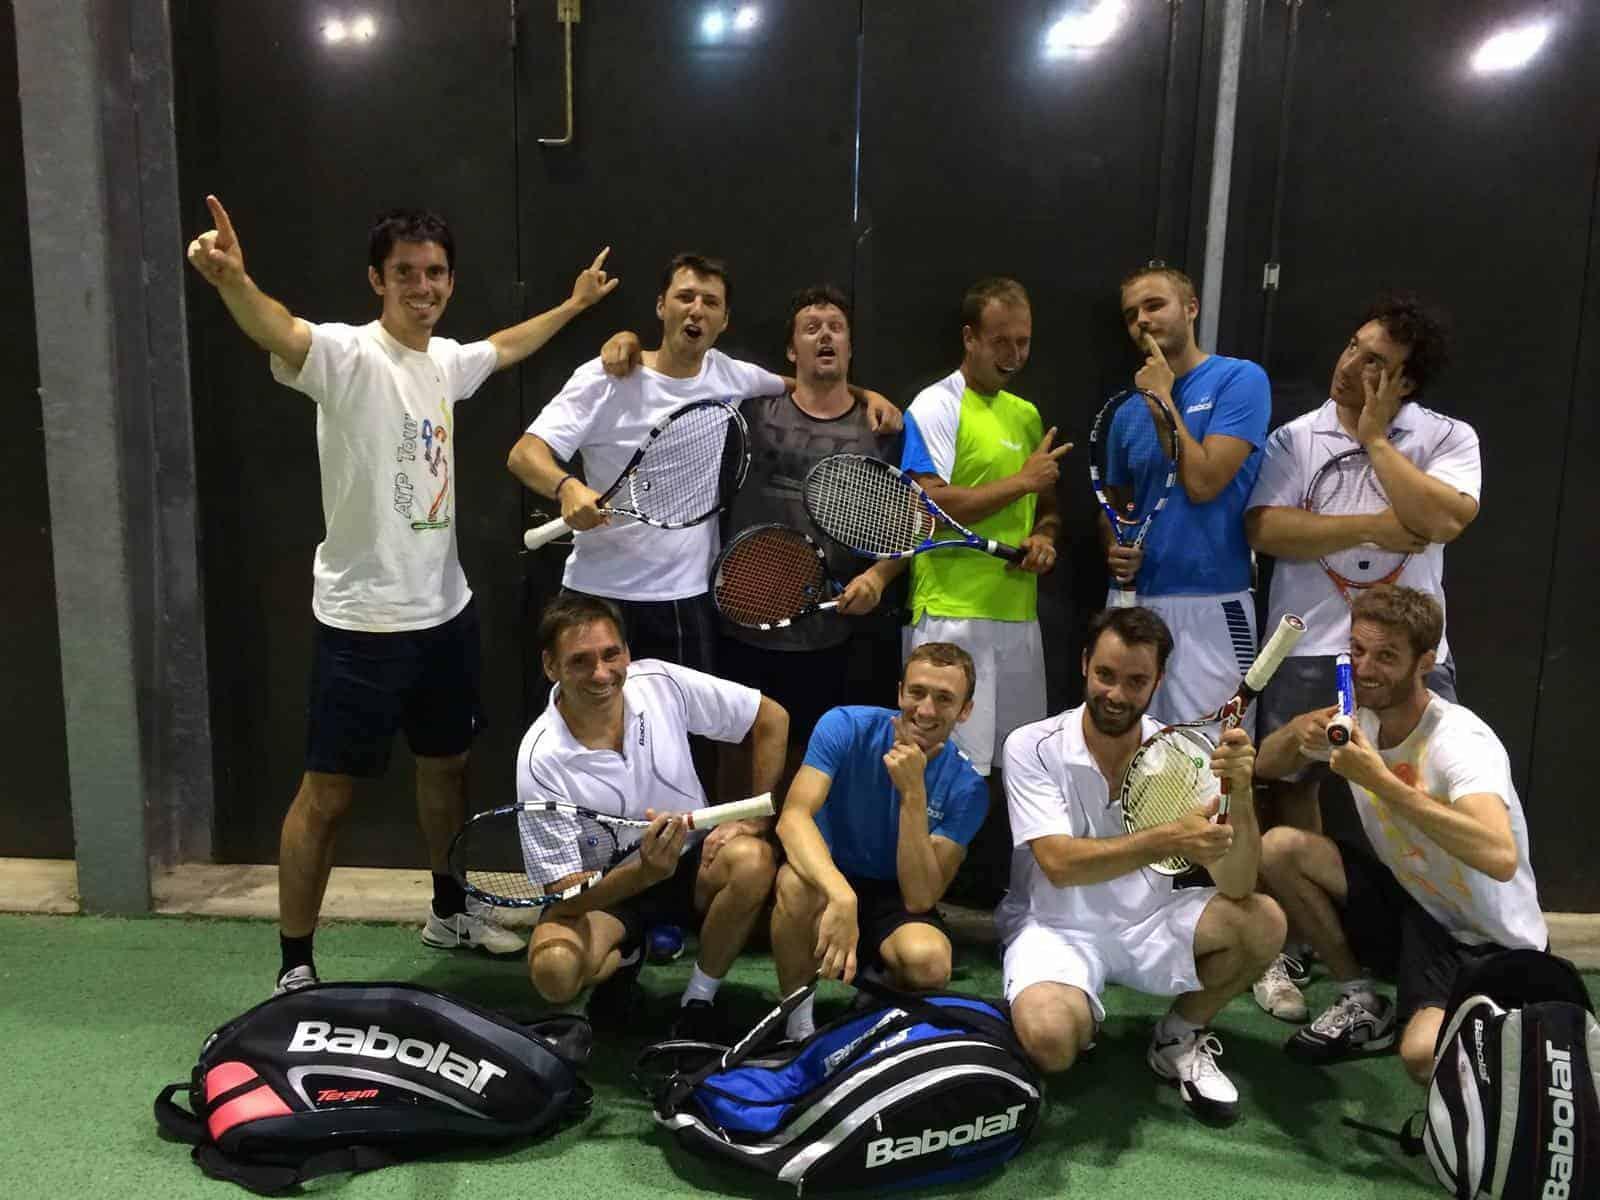 Groupe entrainement 2014 - Tennis Club de Pierre Bénite